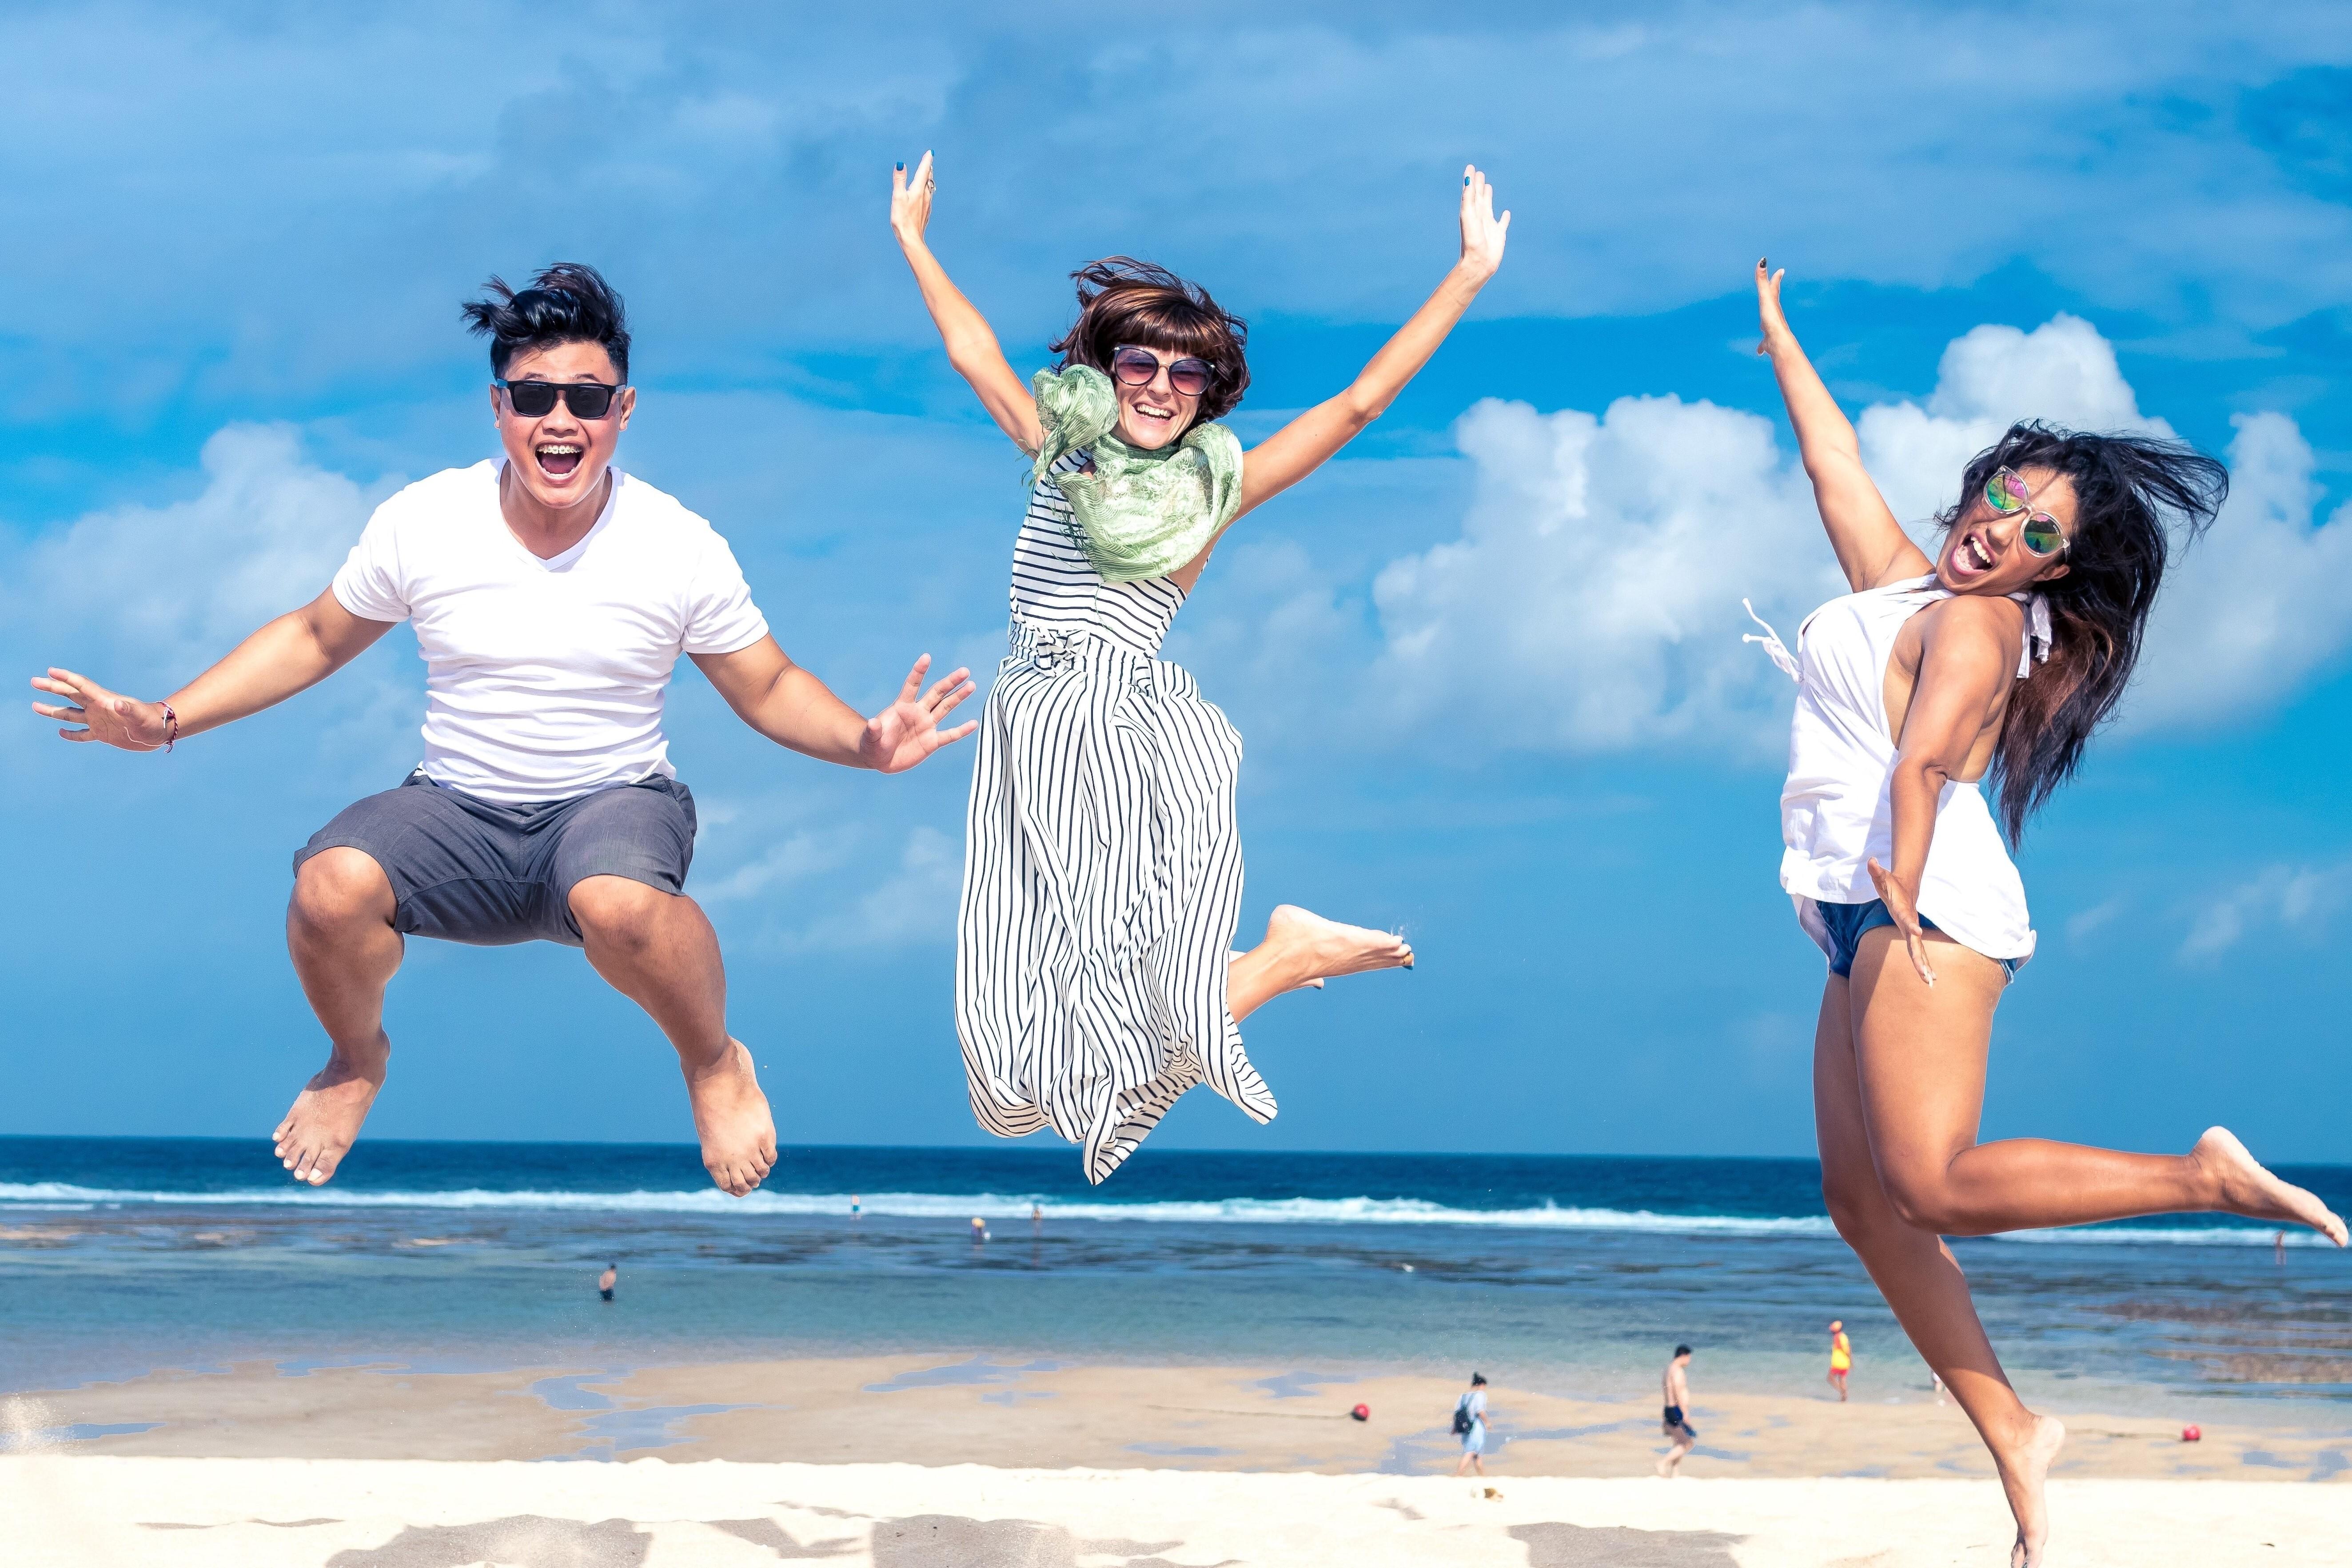 Отпуск с друзьями: как отдохнуть и не поссориться